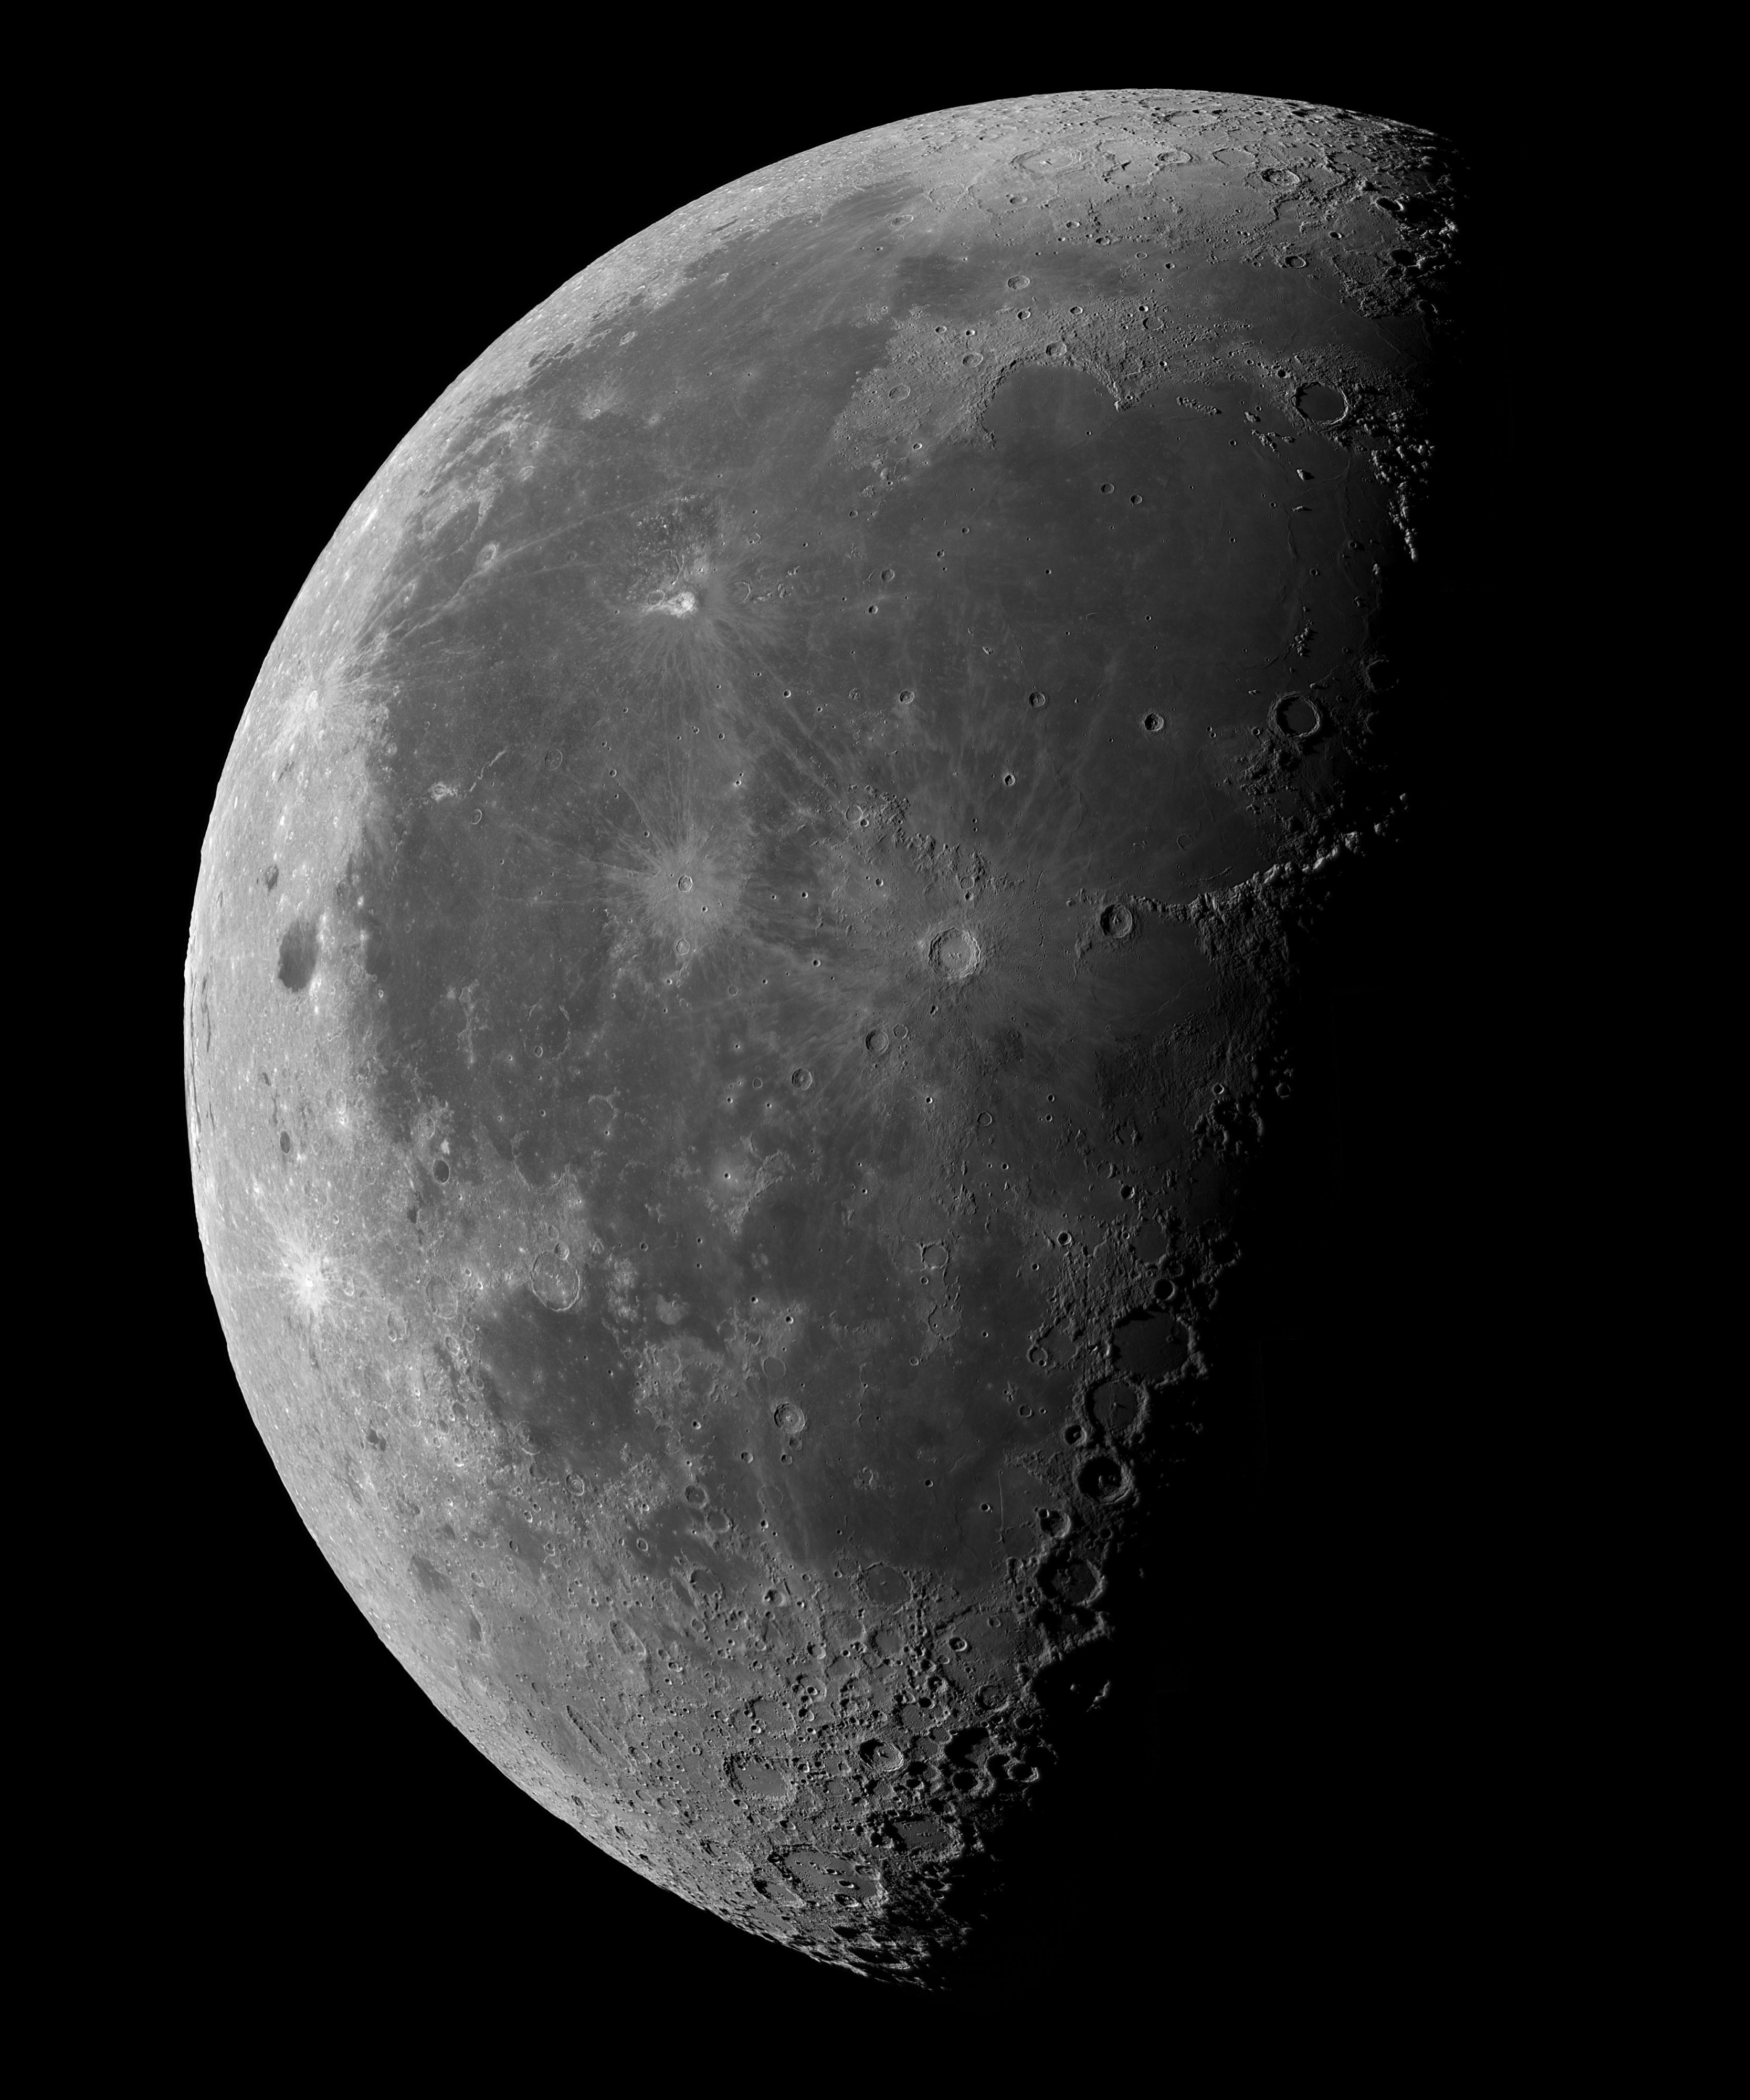 Dernier quartier de Lune, le 04 Août 2018